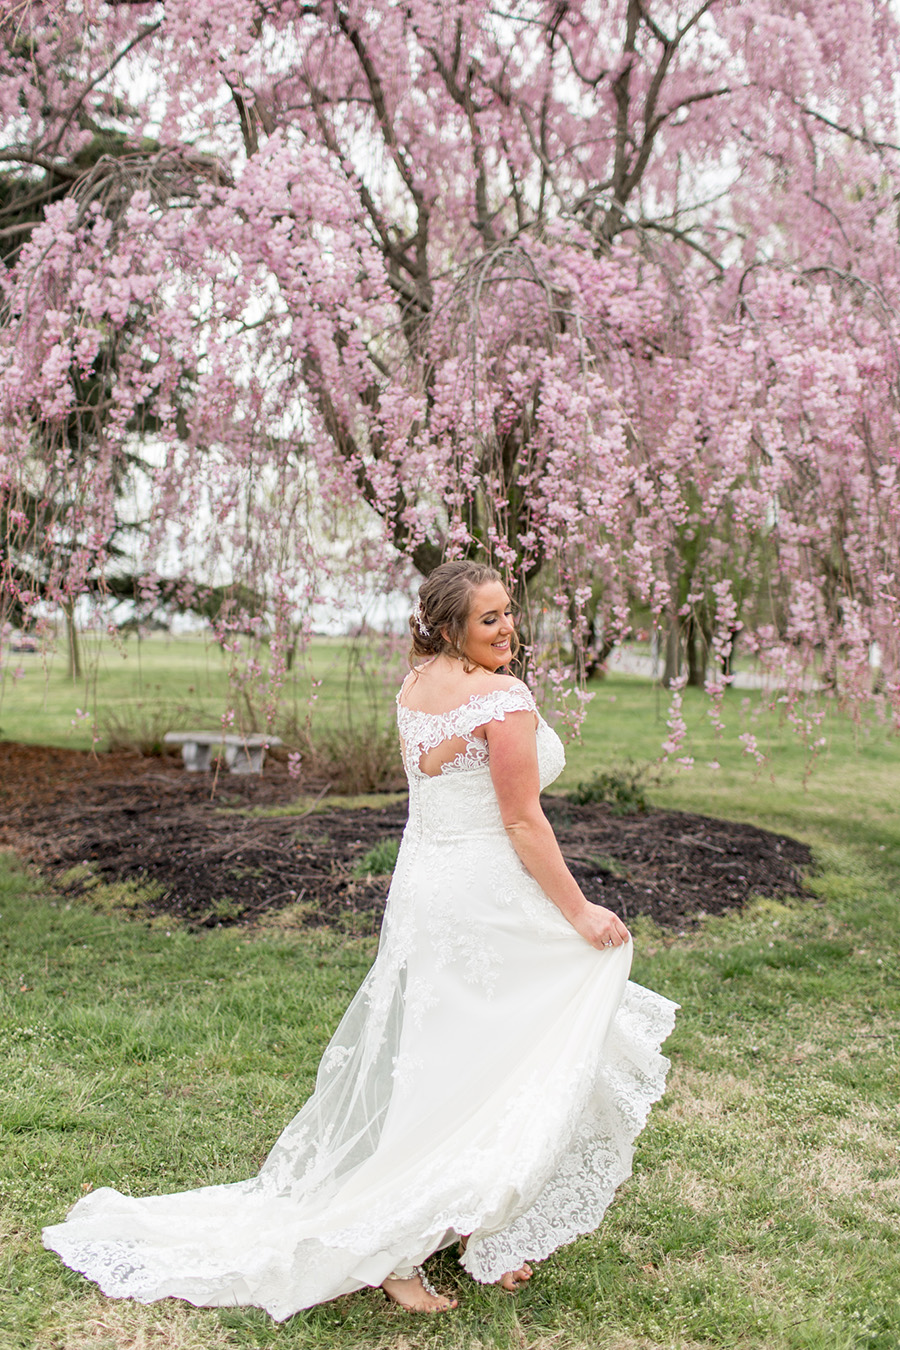 bride spins in her wedding dress